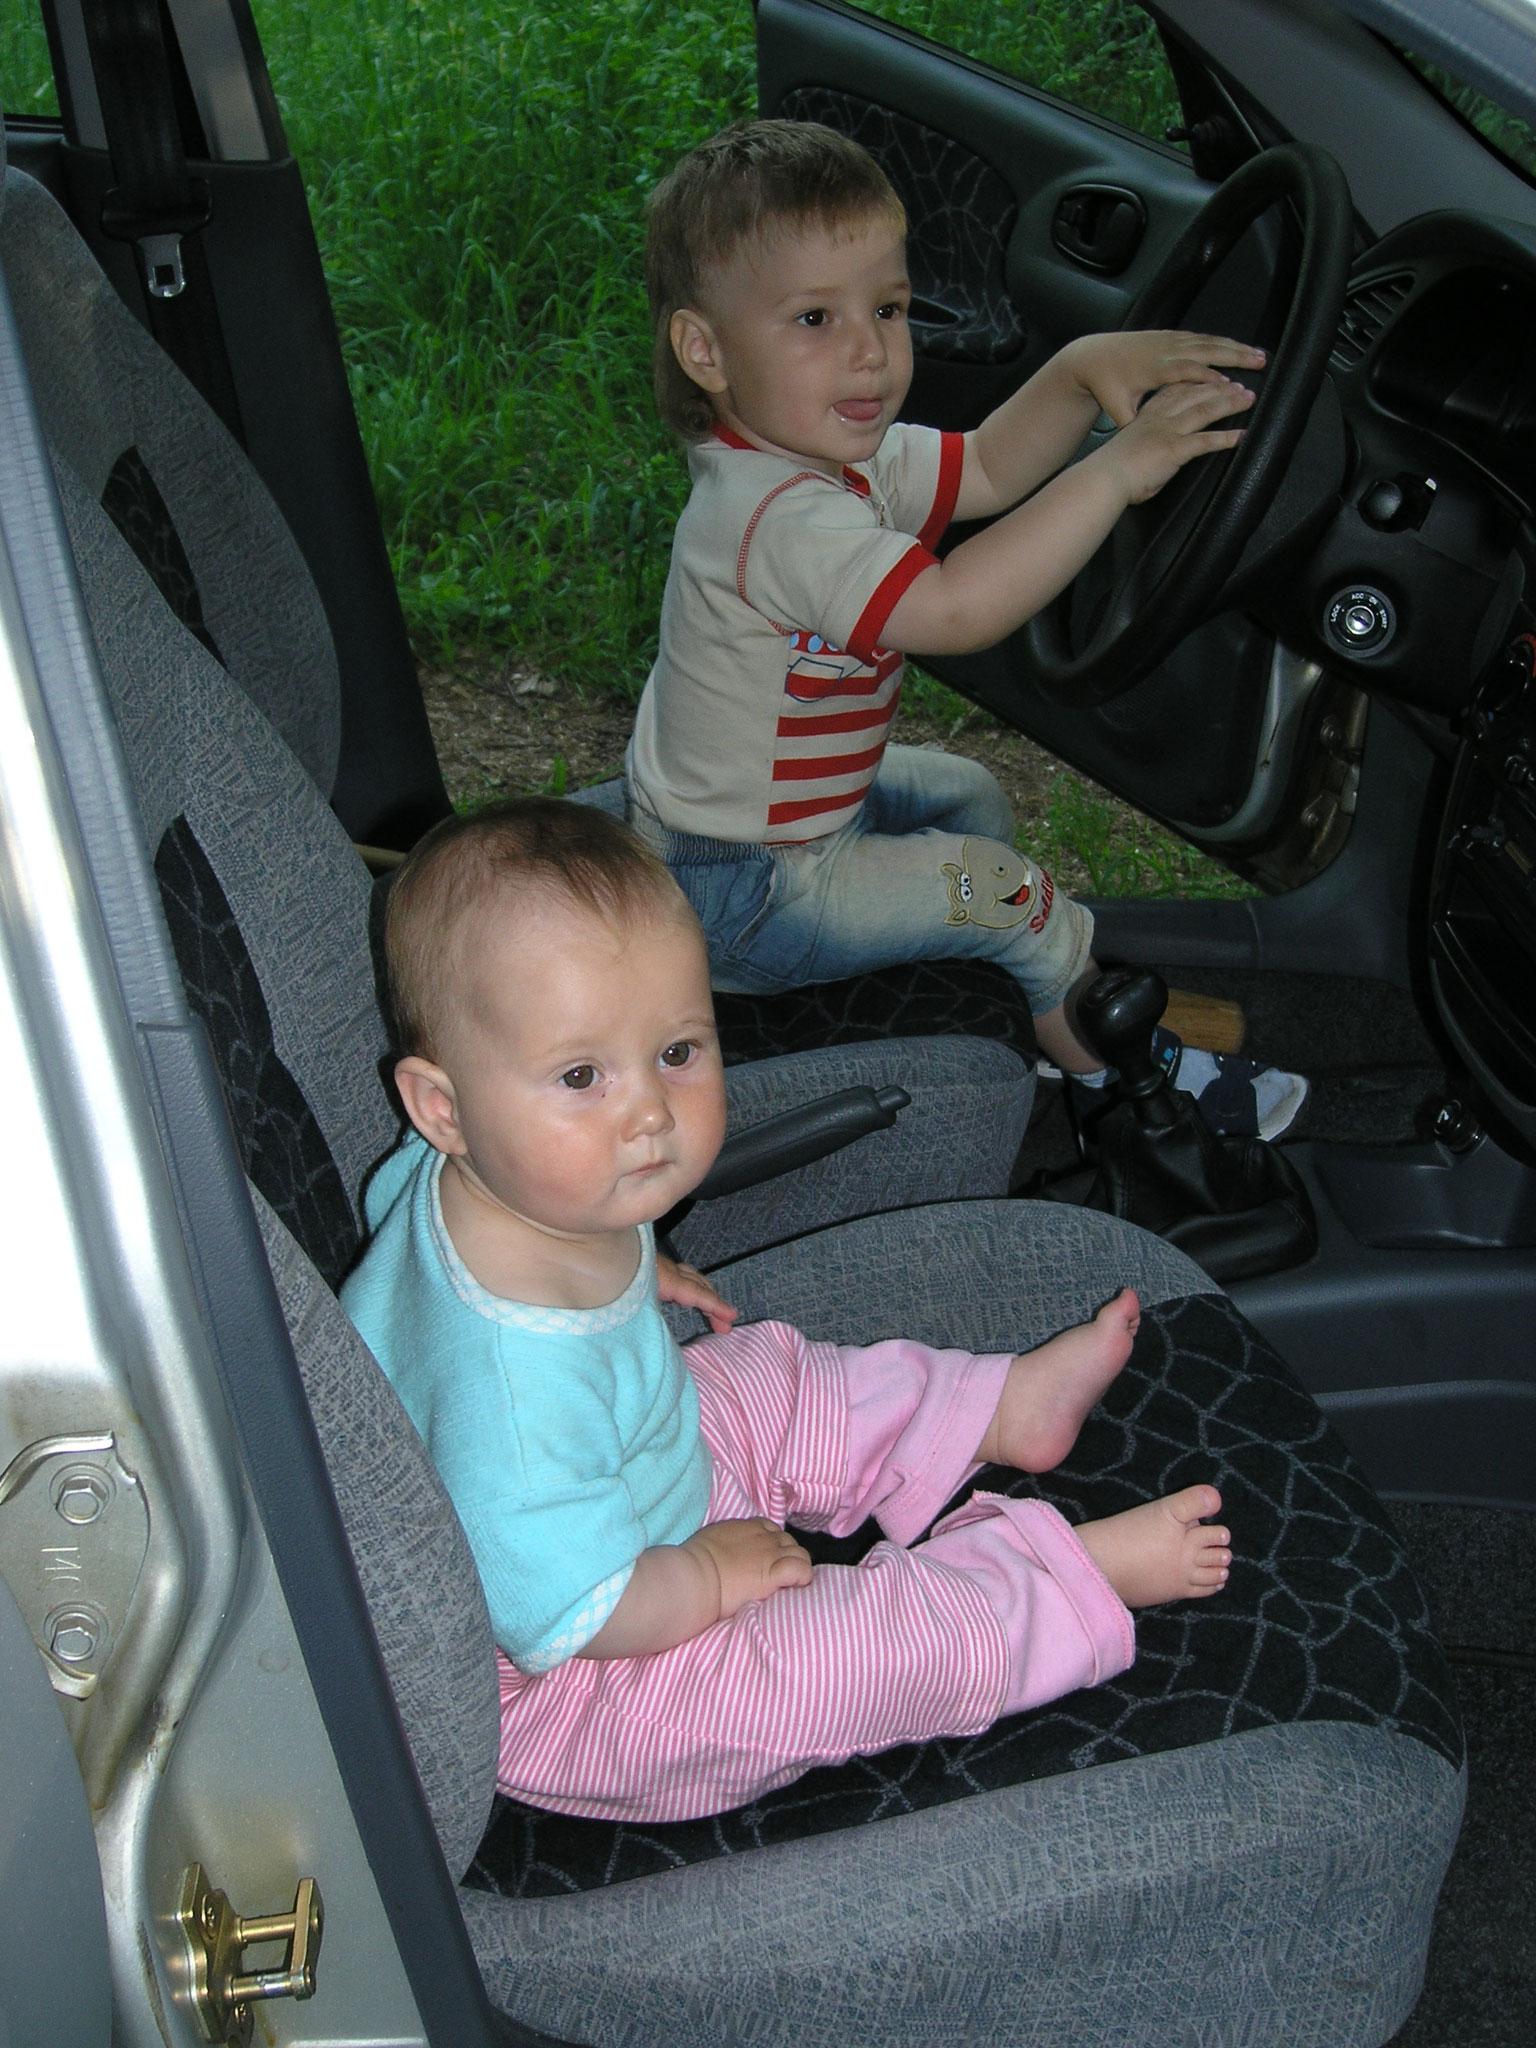 Kristina Karpenko in the car